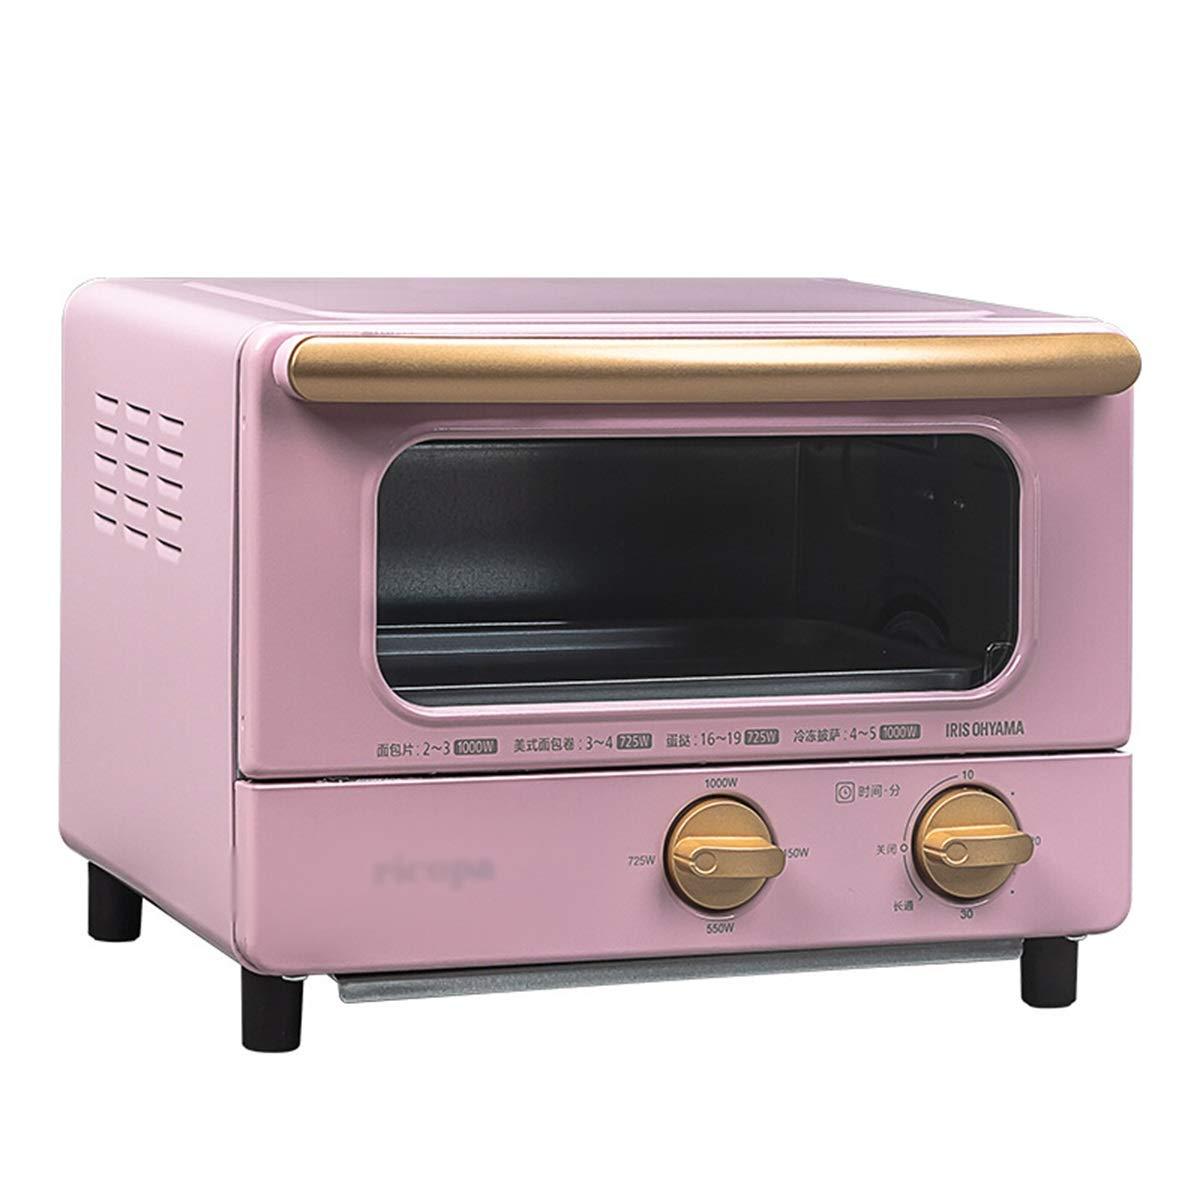 ZCYX ミニオーブン - 電気オーブン多機能家庭用オーブンミニ小型オーブンハイパワーベーキングオーブン -7487 オーブン (色 : ピンク) B07RT685MH ピンク